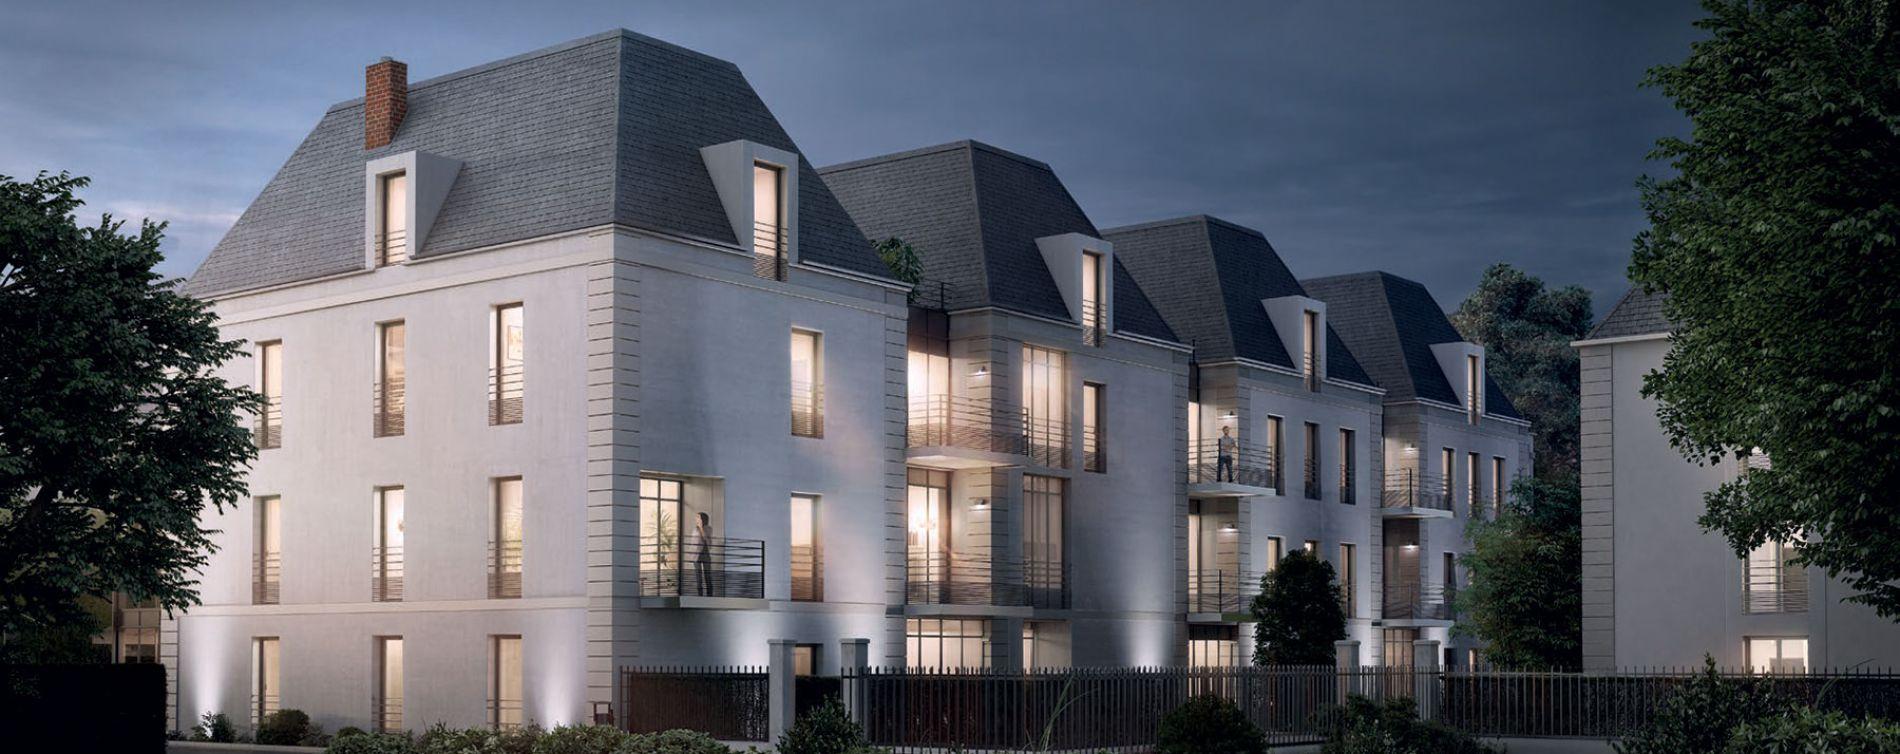 Résidence Millesime à Saint-Cyr-sur-Loire